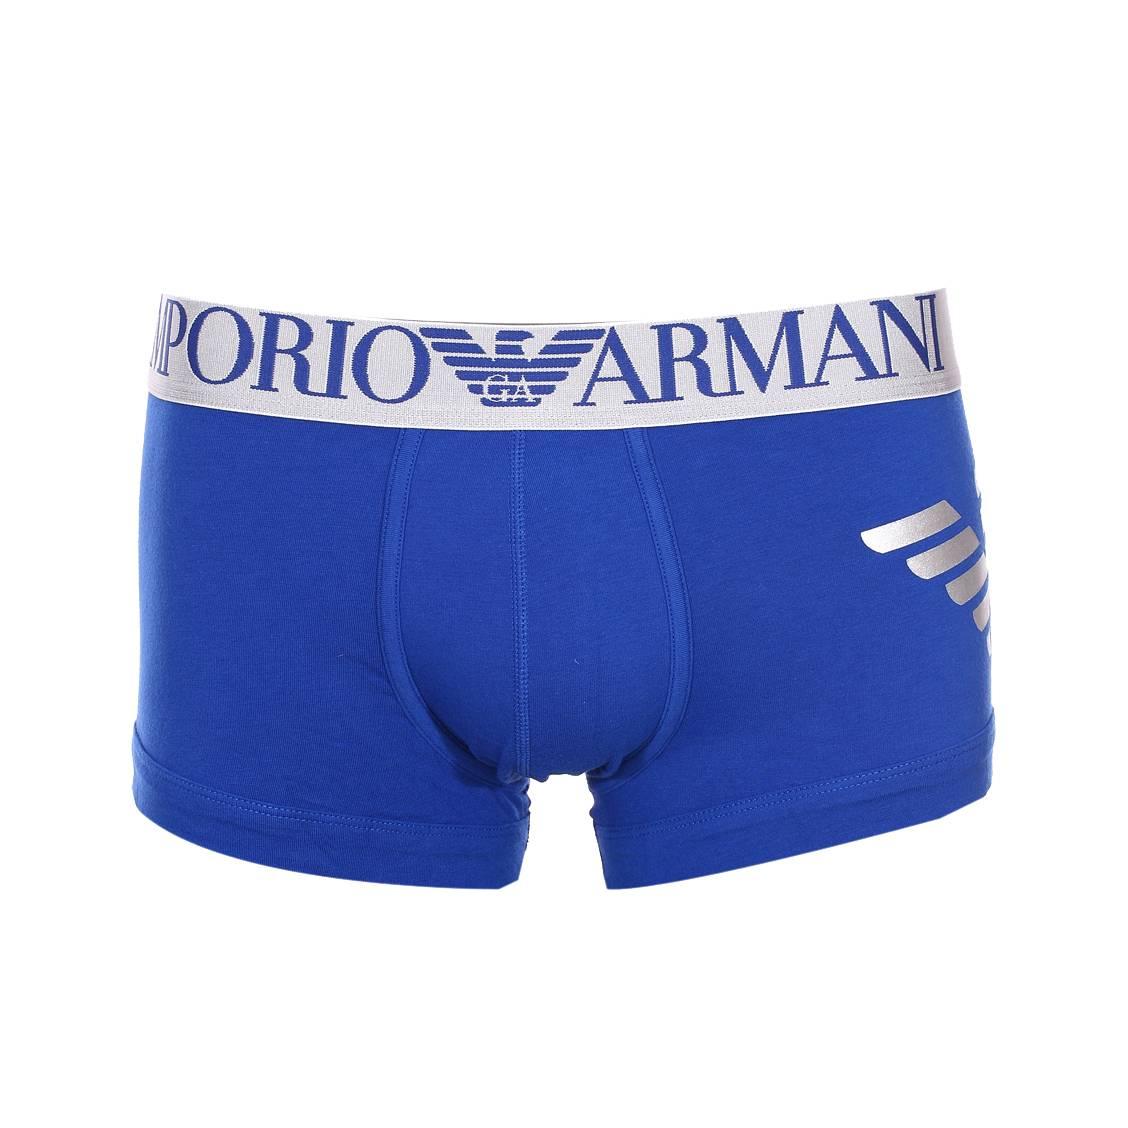 Boxer  en coton stretch bleu électrique, logo floqué en argenté sur le côté